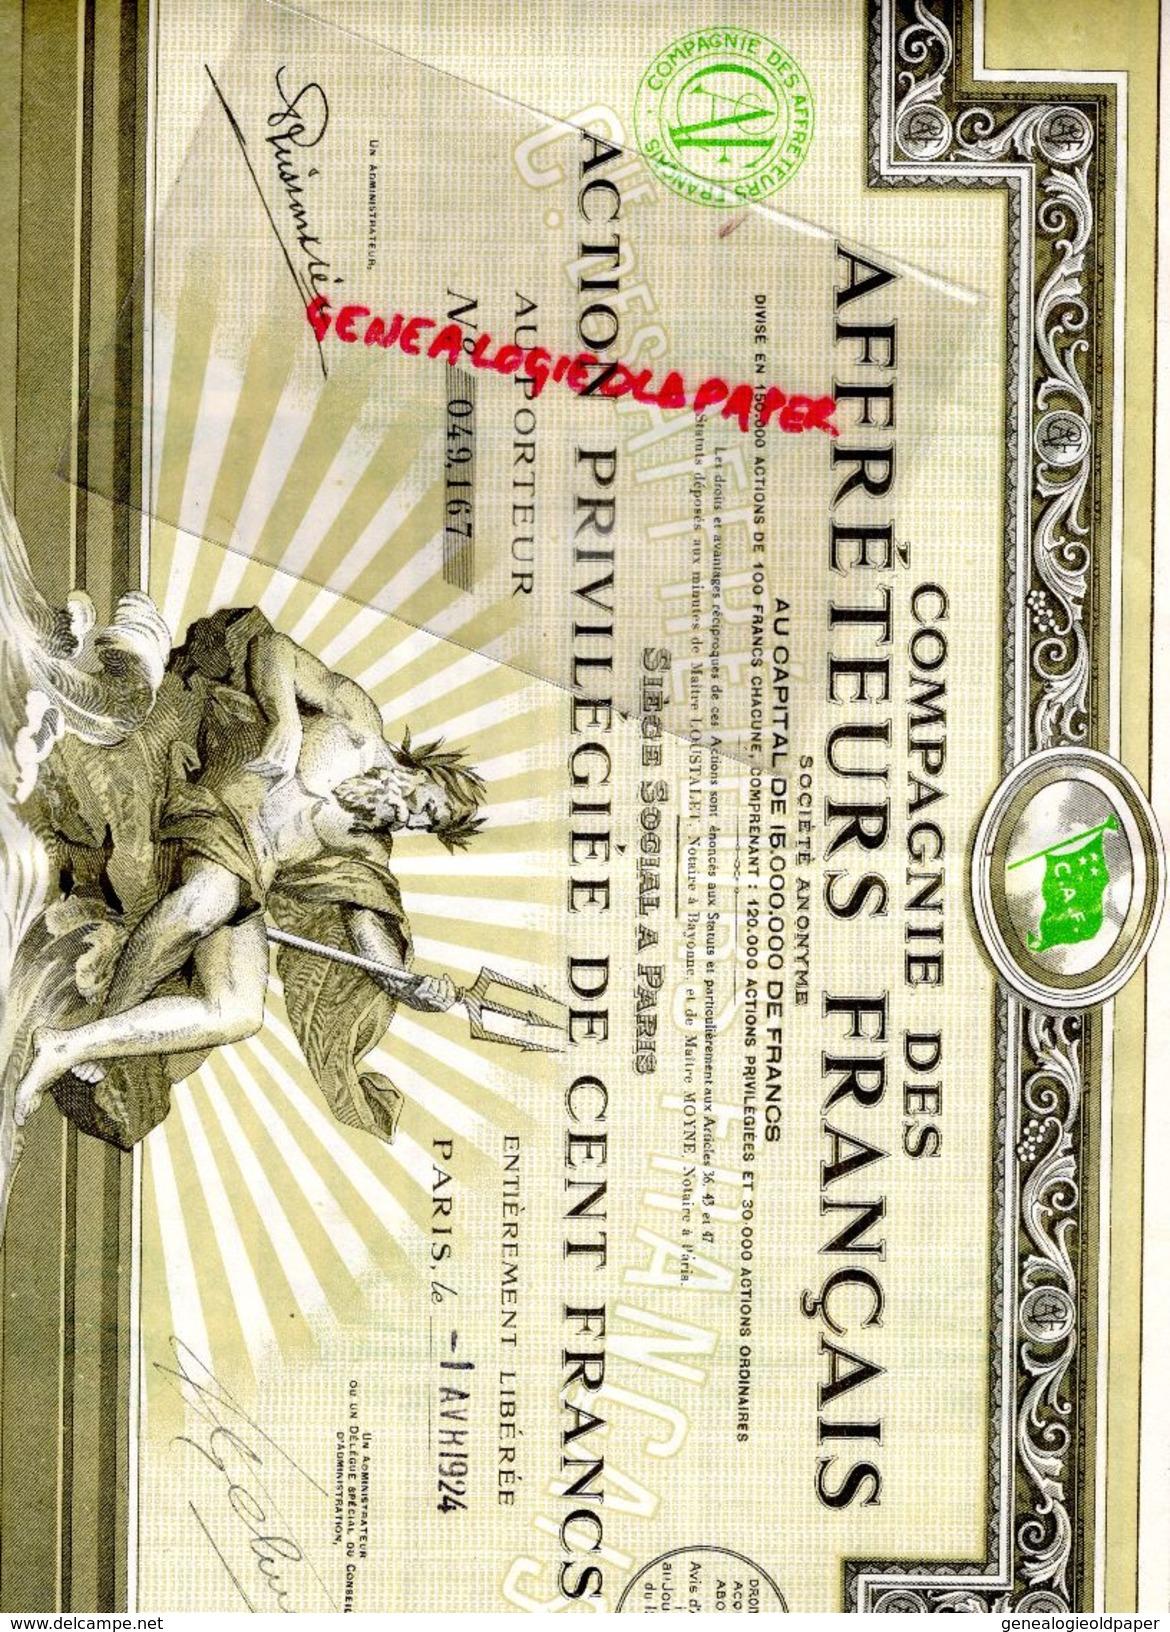 ACTION 100 FRANCS COMPAGNIE AFFRETEURS FRANCAIS-PIERRE FORVEILLE GRAVEUR PARIS RODEZ- LOUSTALET NOTAIRE A BAYONNE 1924 - Autres